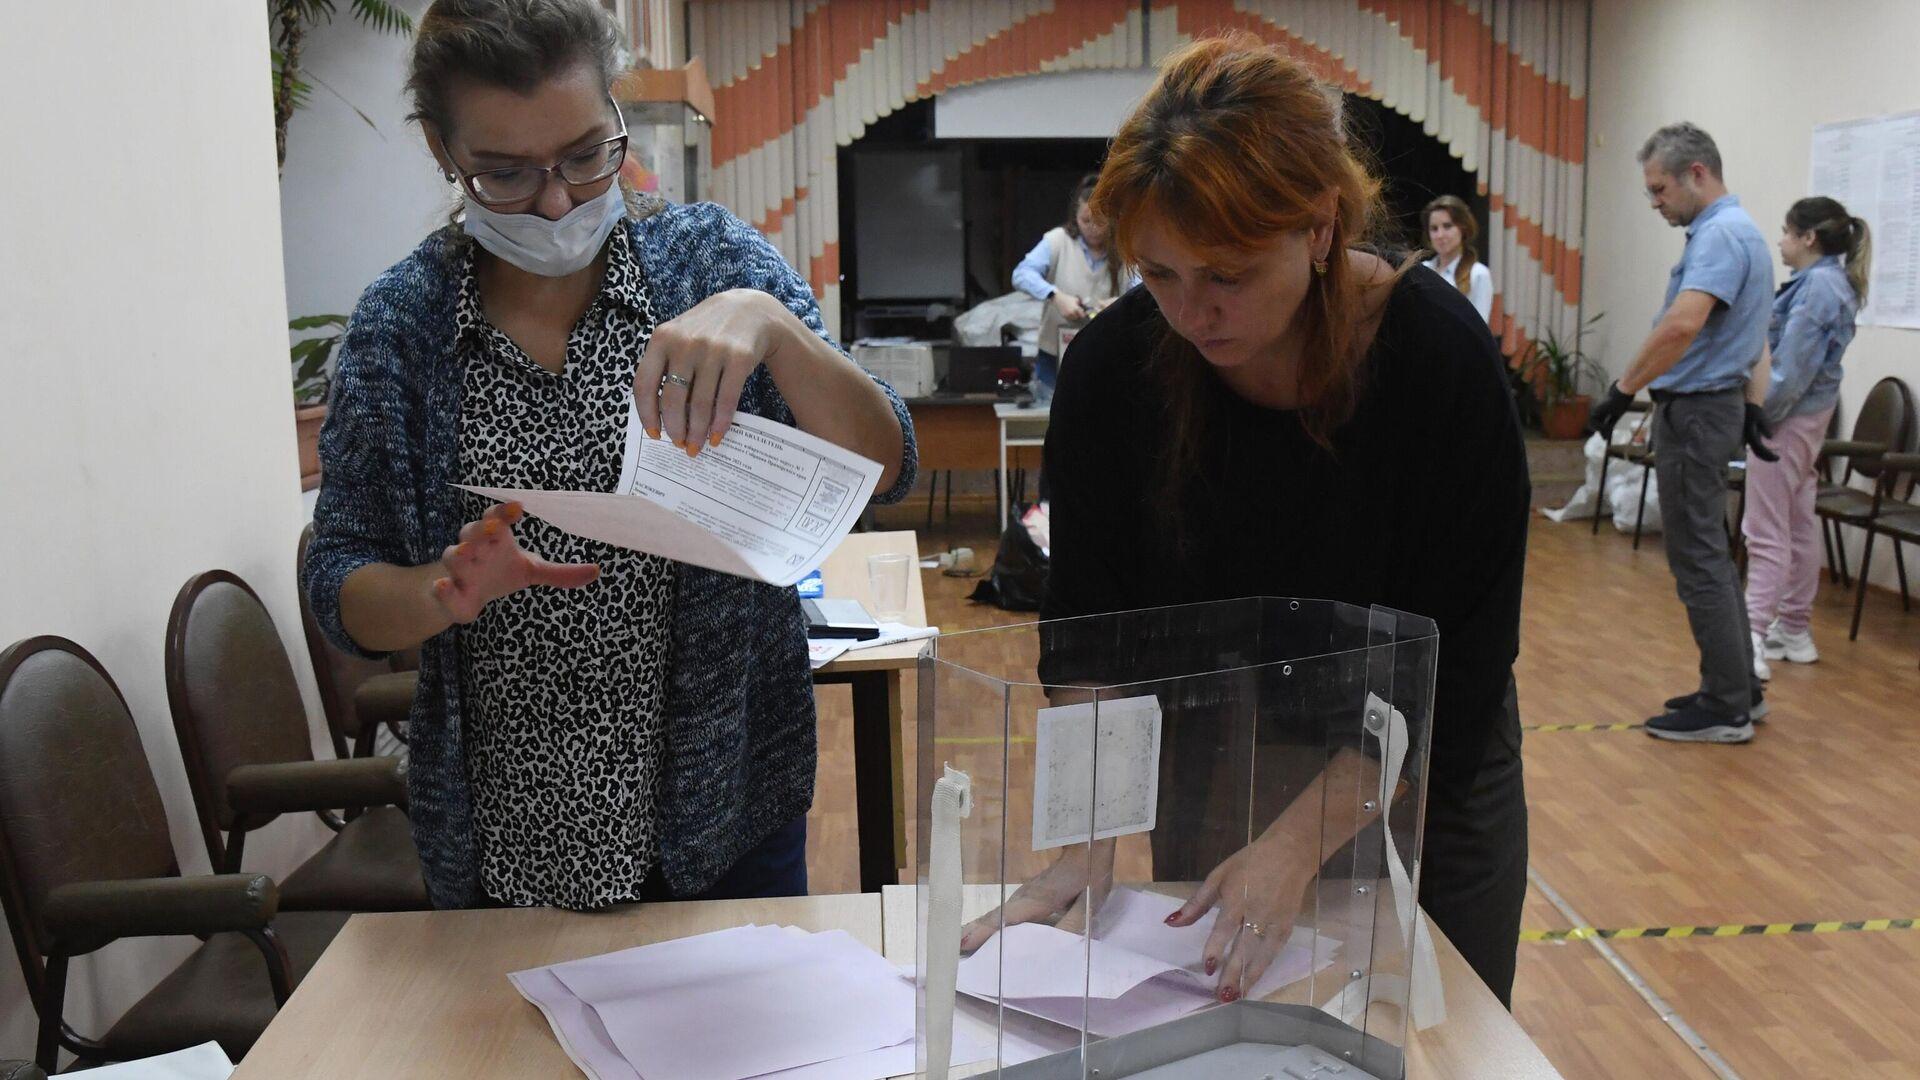 Подсчет голосов на выборах в единый день голосования - Sputnik Грузия, 1920, 20.09.2021